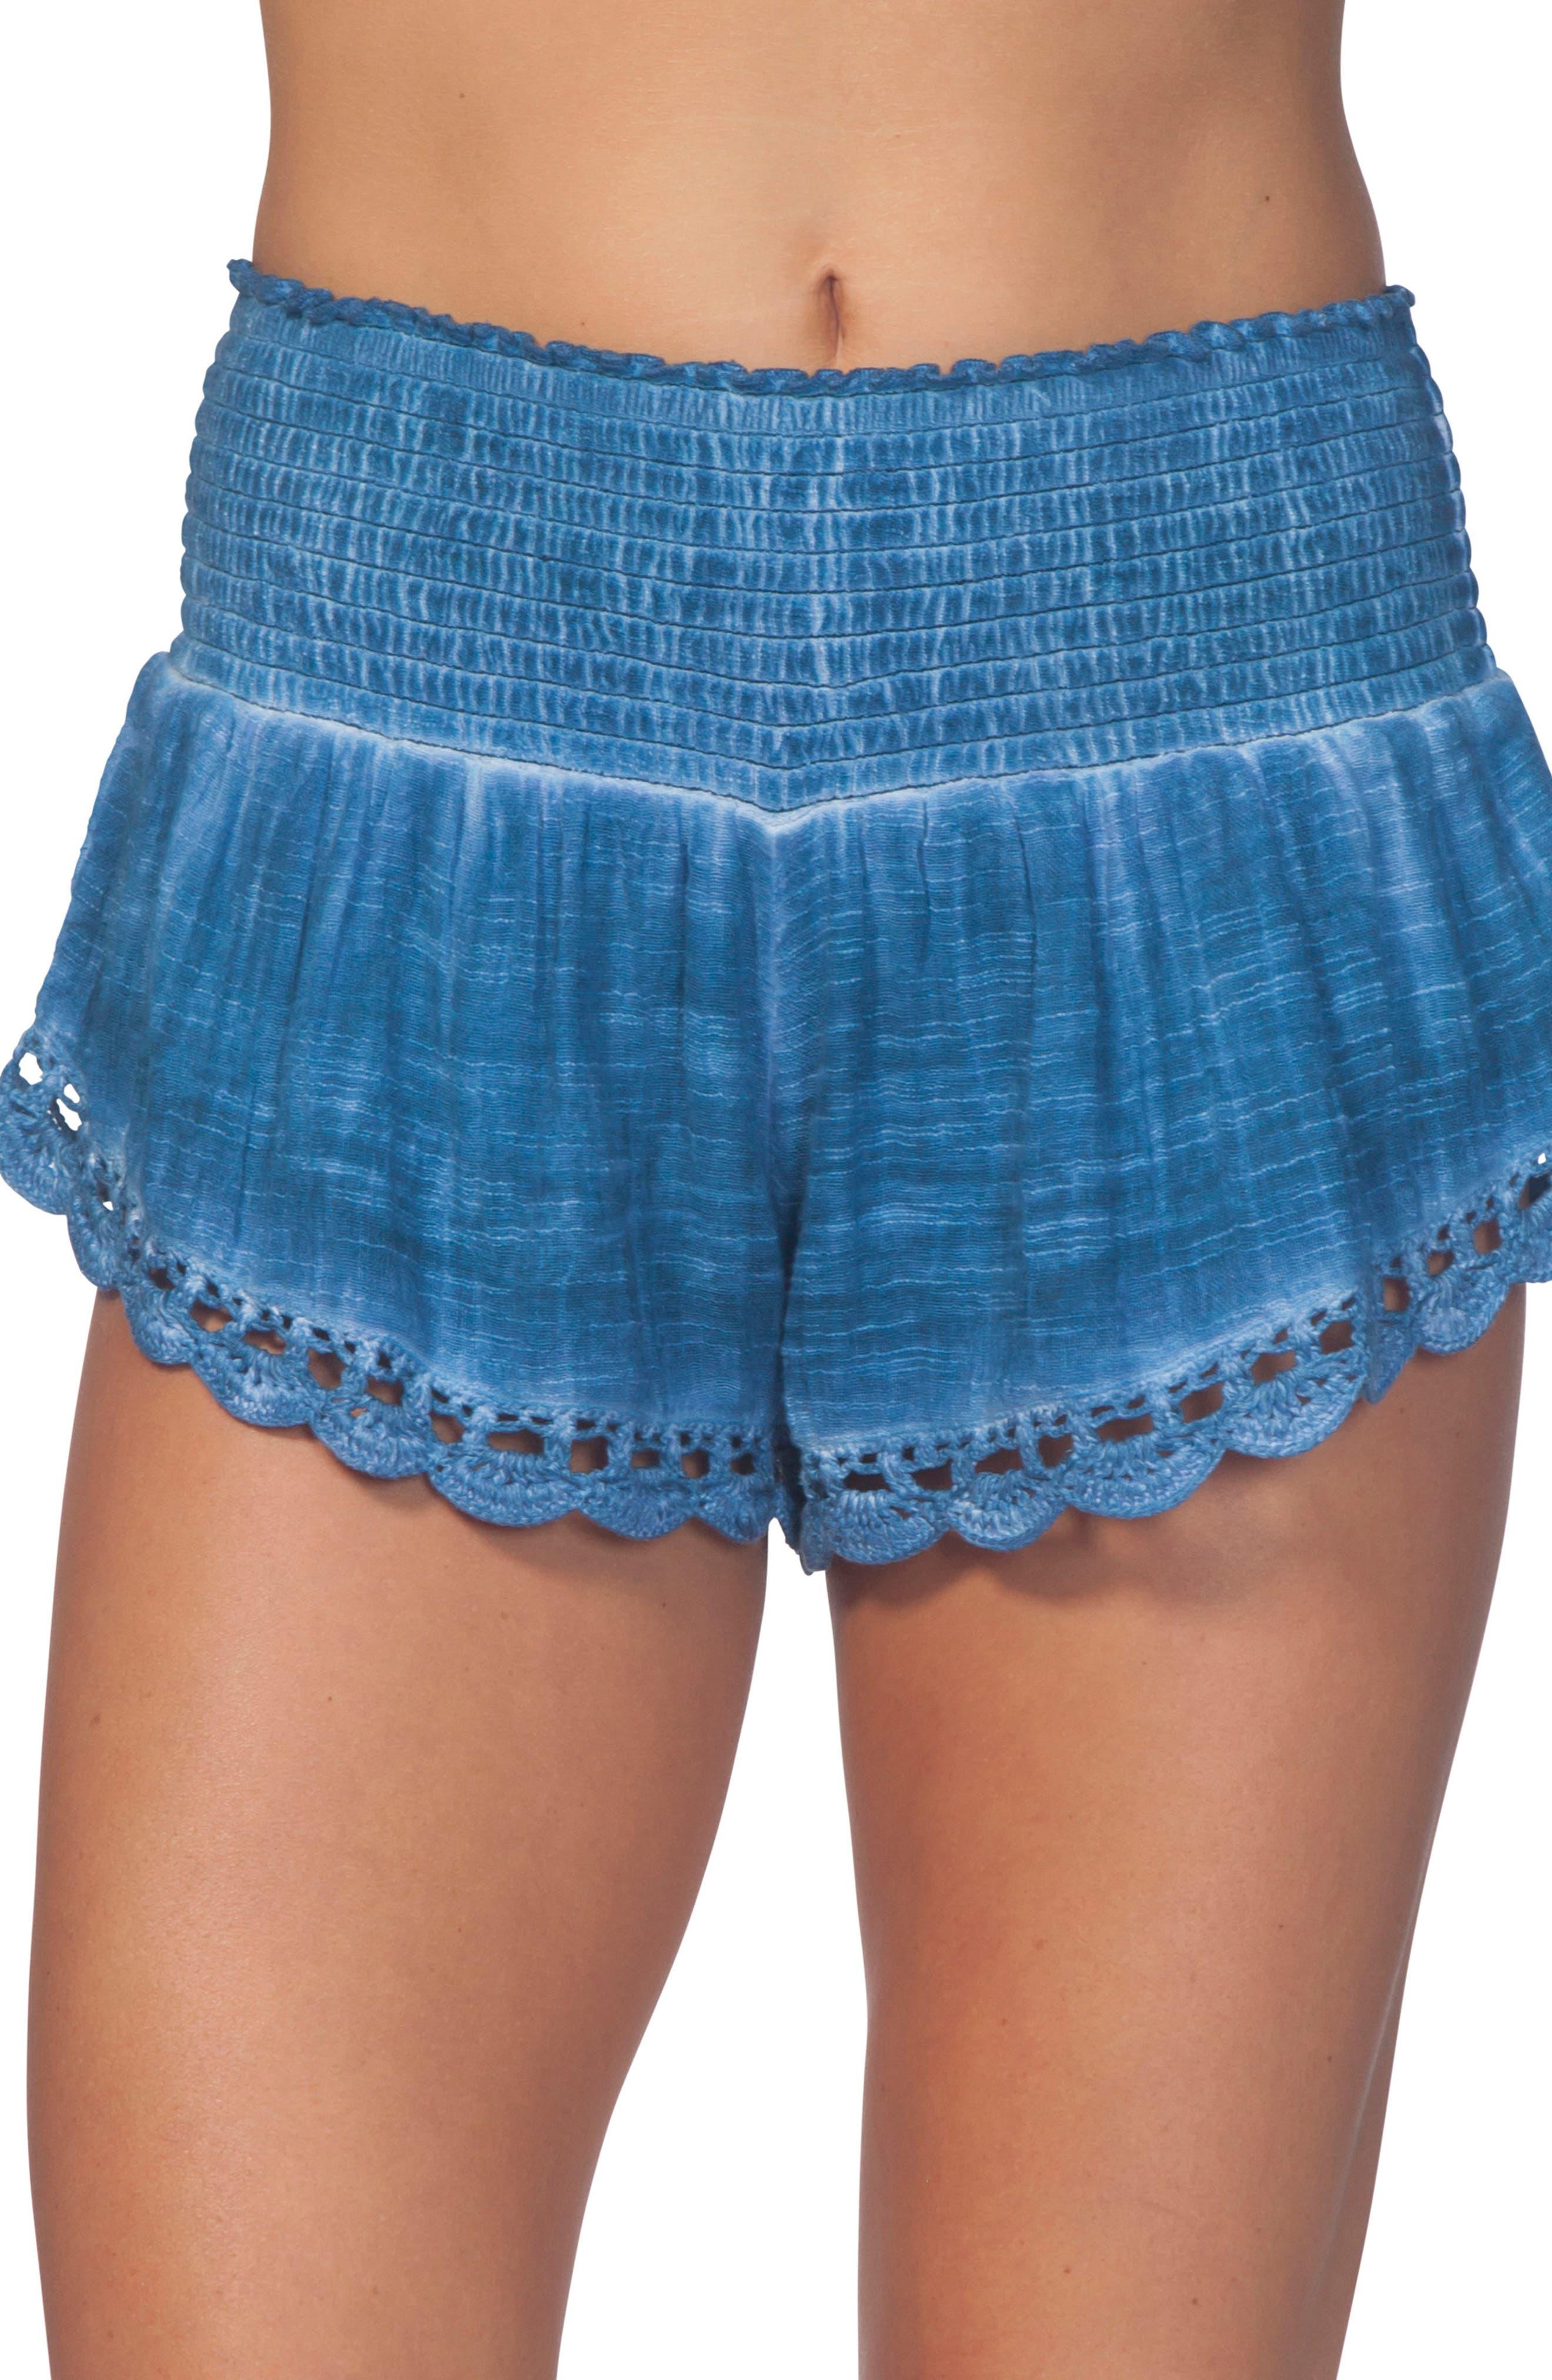 Dream Beam Cotton Beach Shorts,                             Main thumbnail 1, color,                             MID BLUE